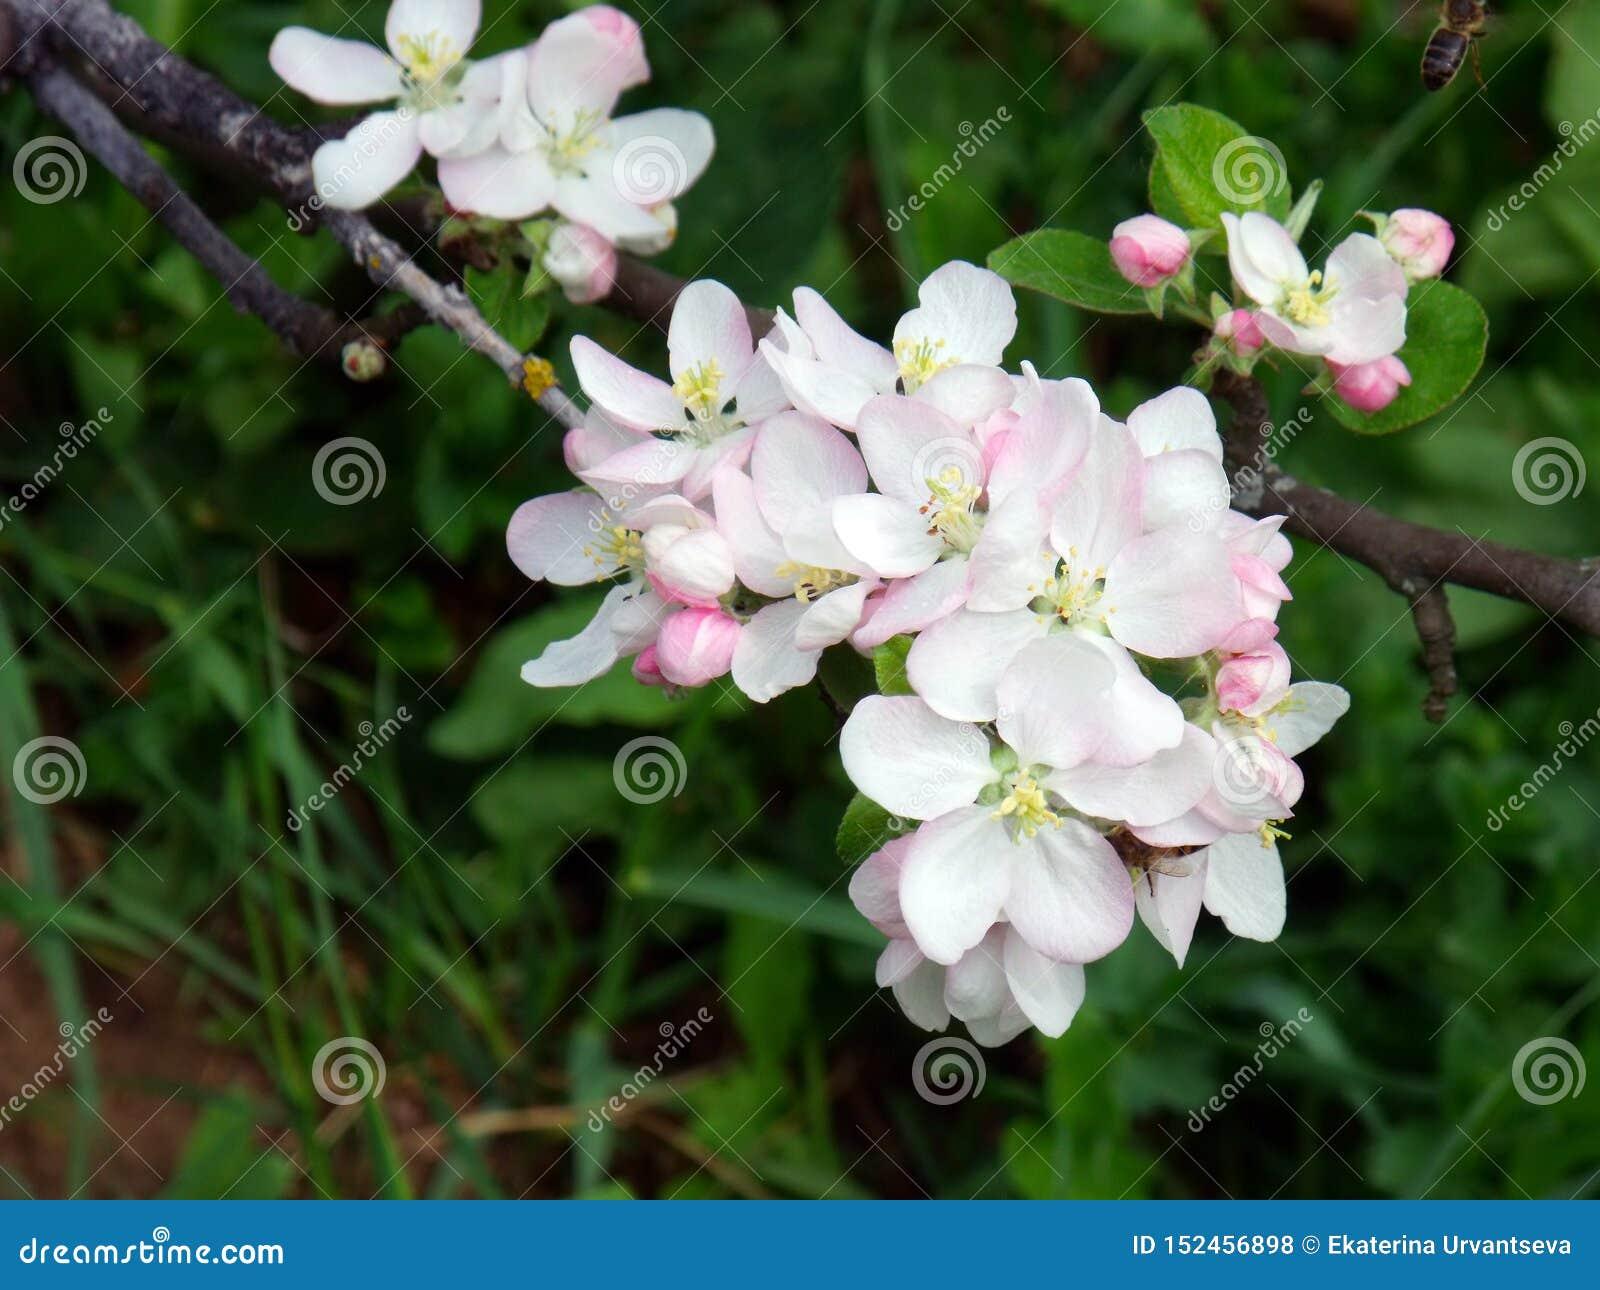 Foto macro de flores da árvore de maçã com uma abelha